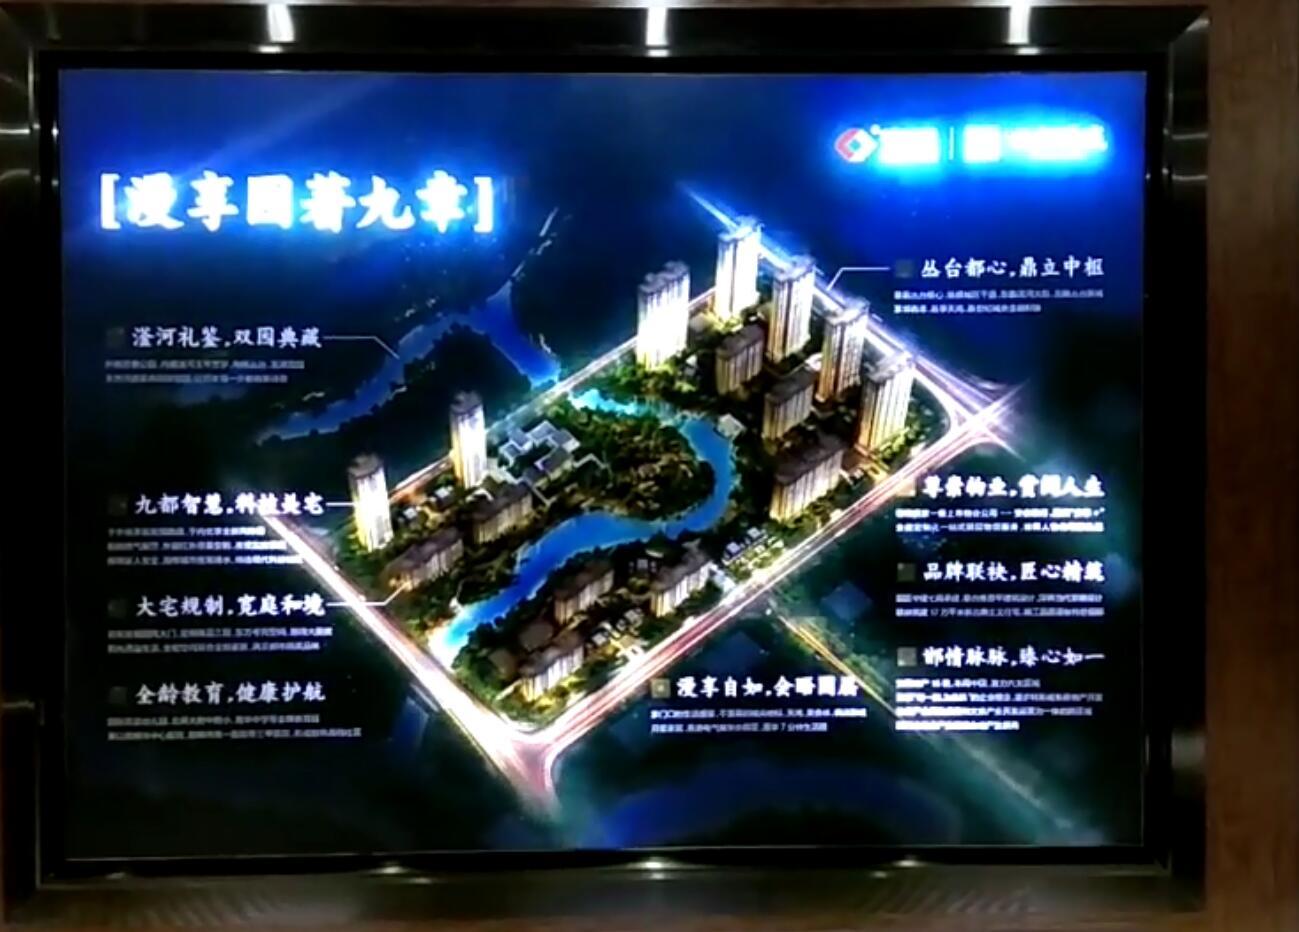 吉林led亮化工程_節能led亮化工程當選實炫源電子科技